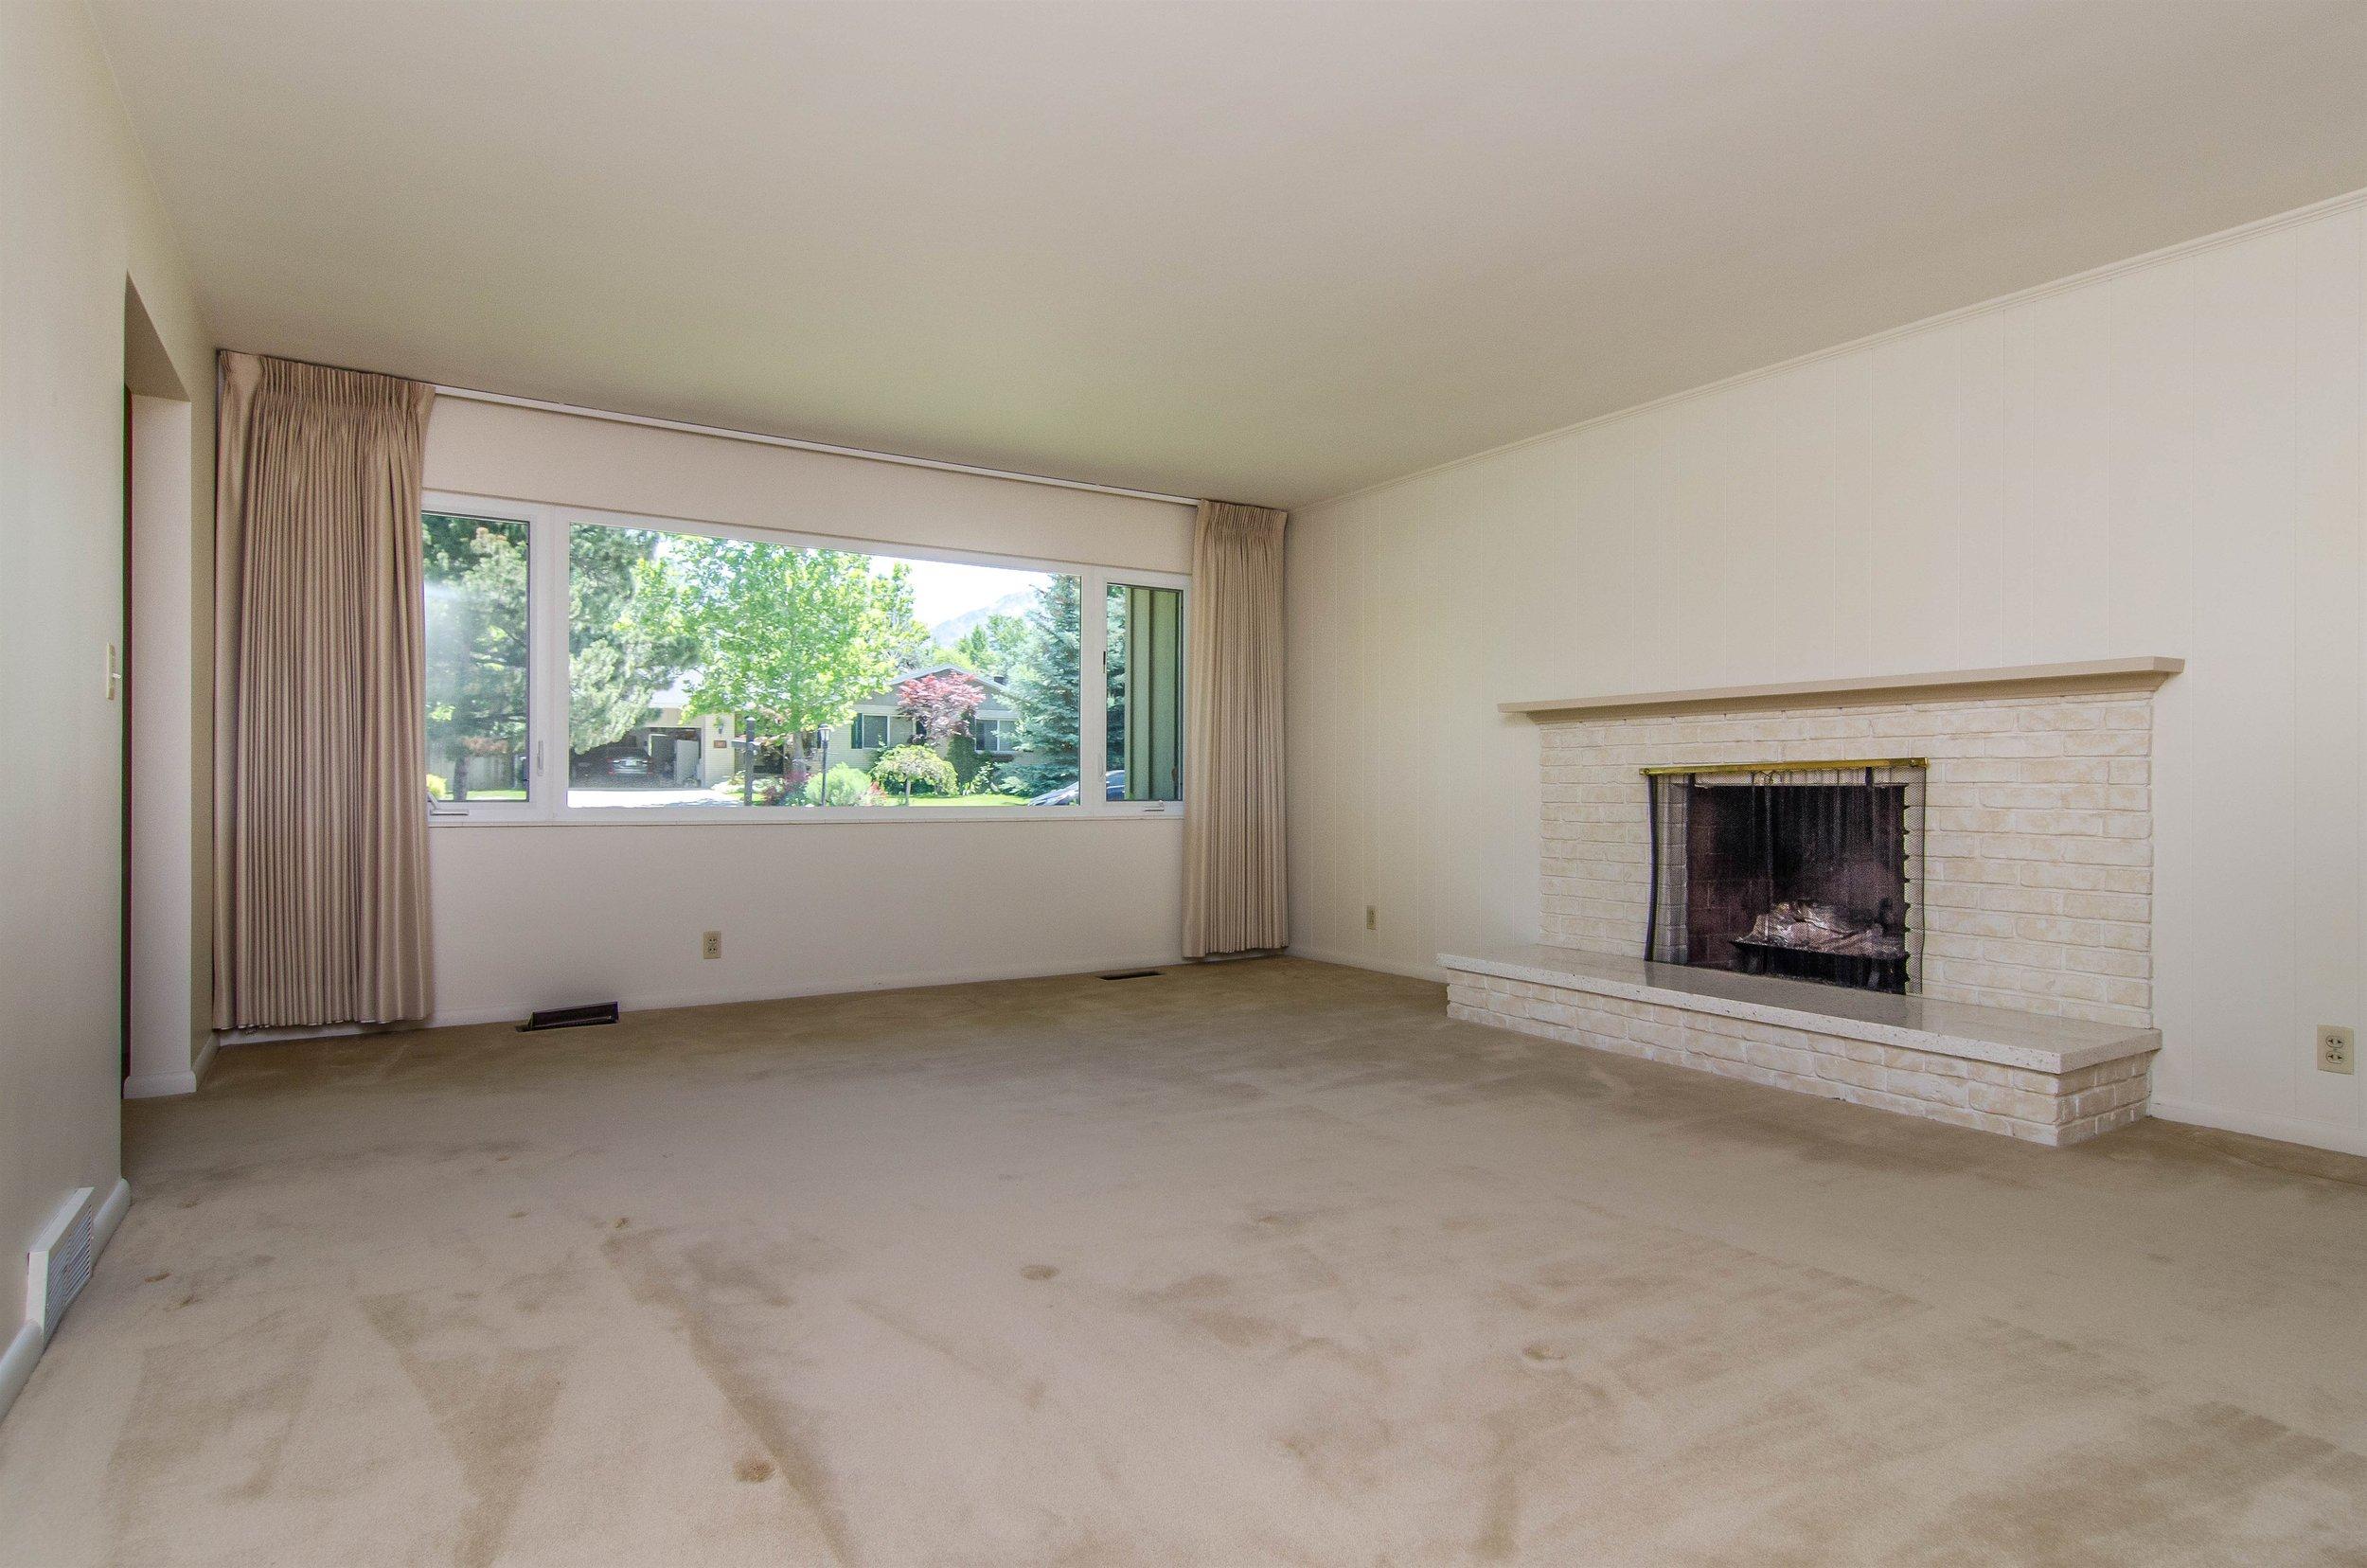 003_Living Room .jpg